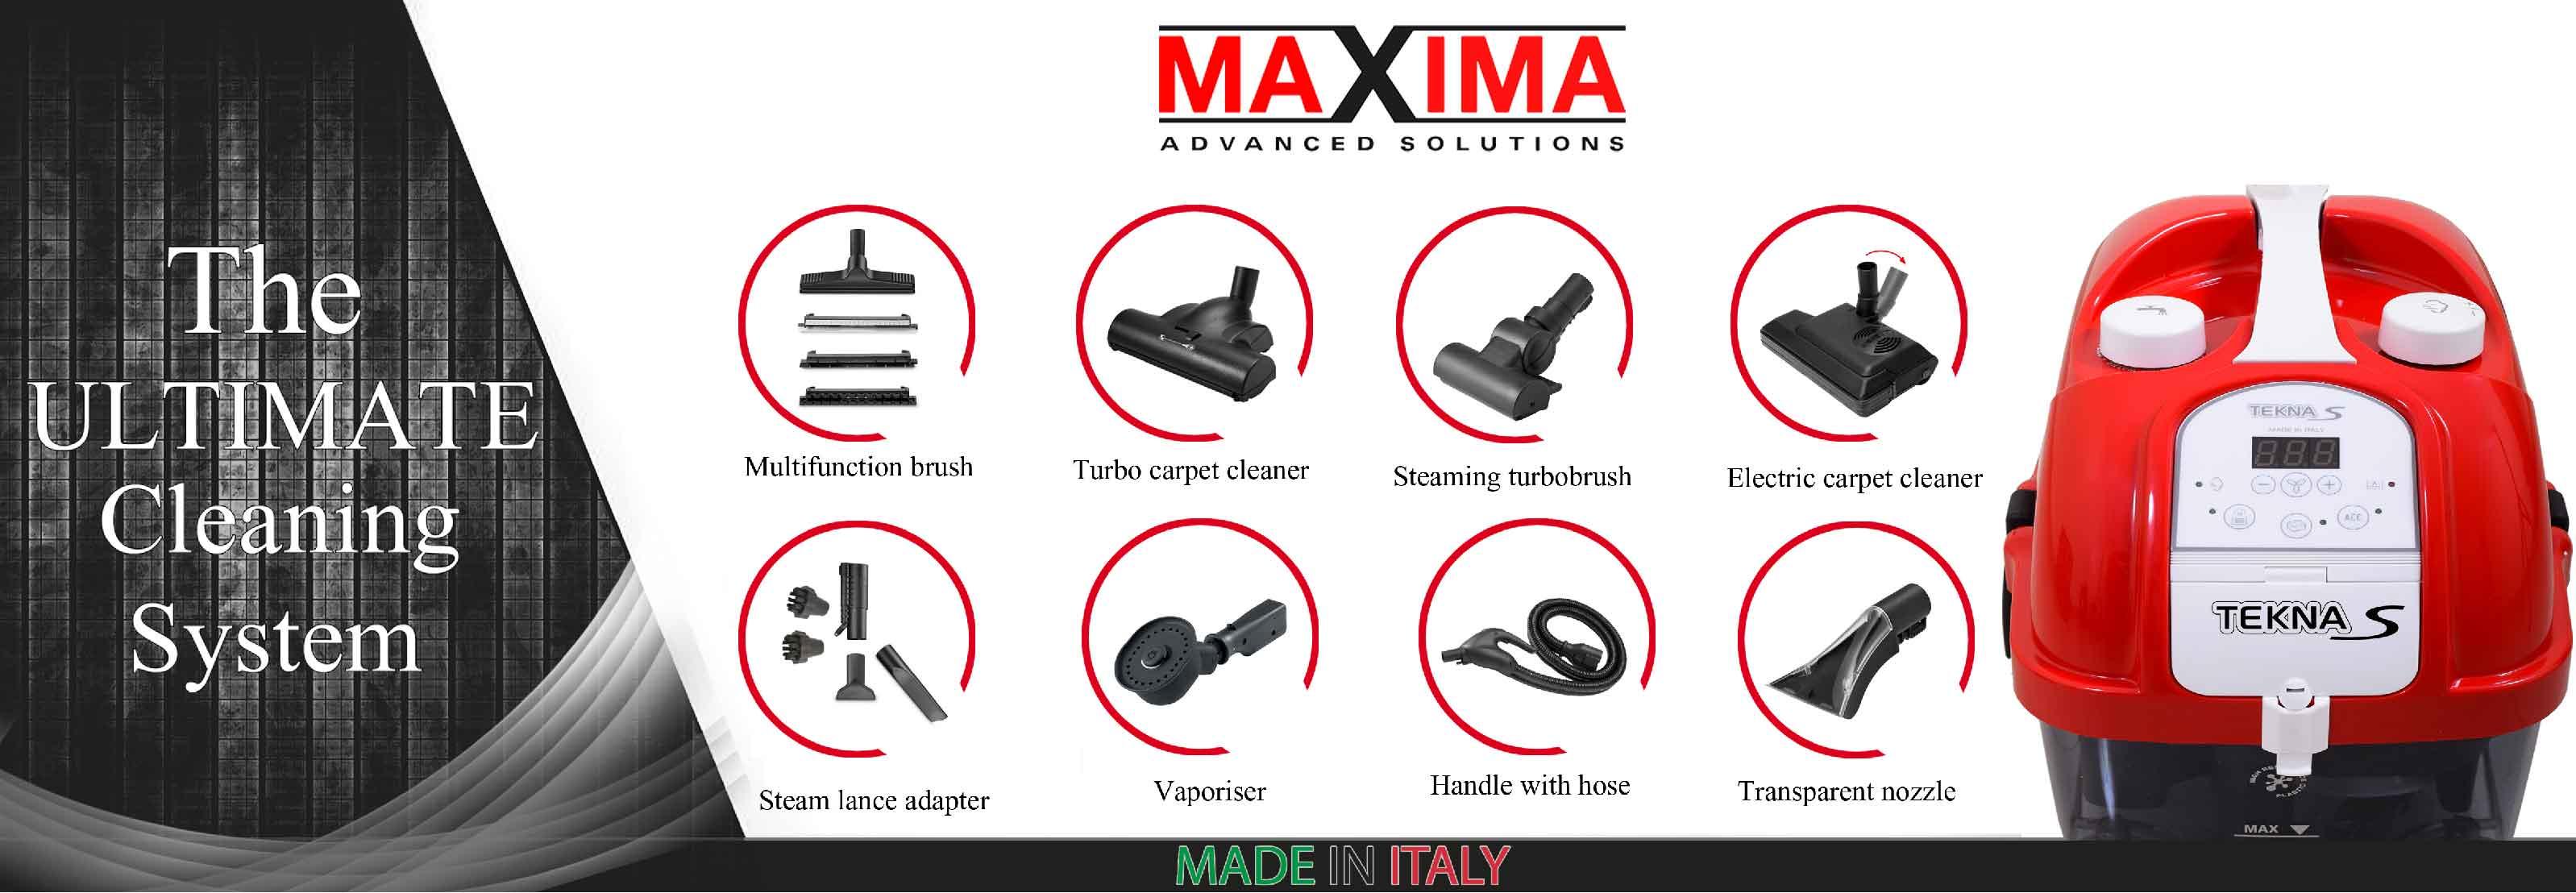 Maxima-4